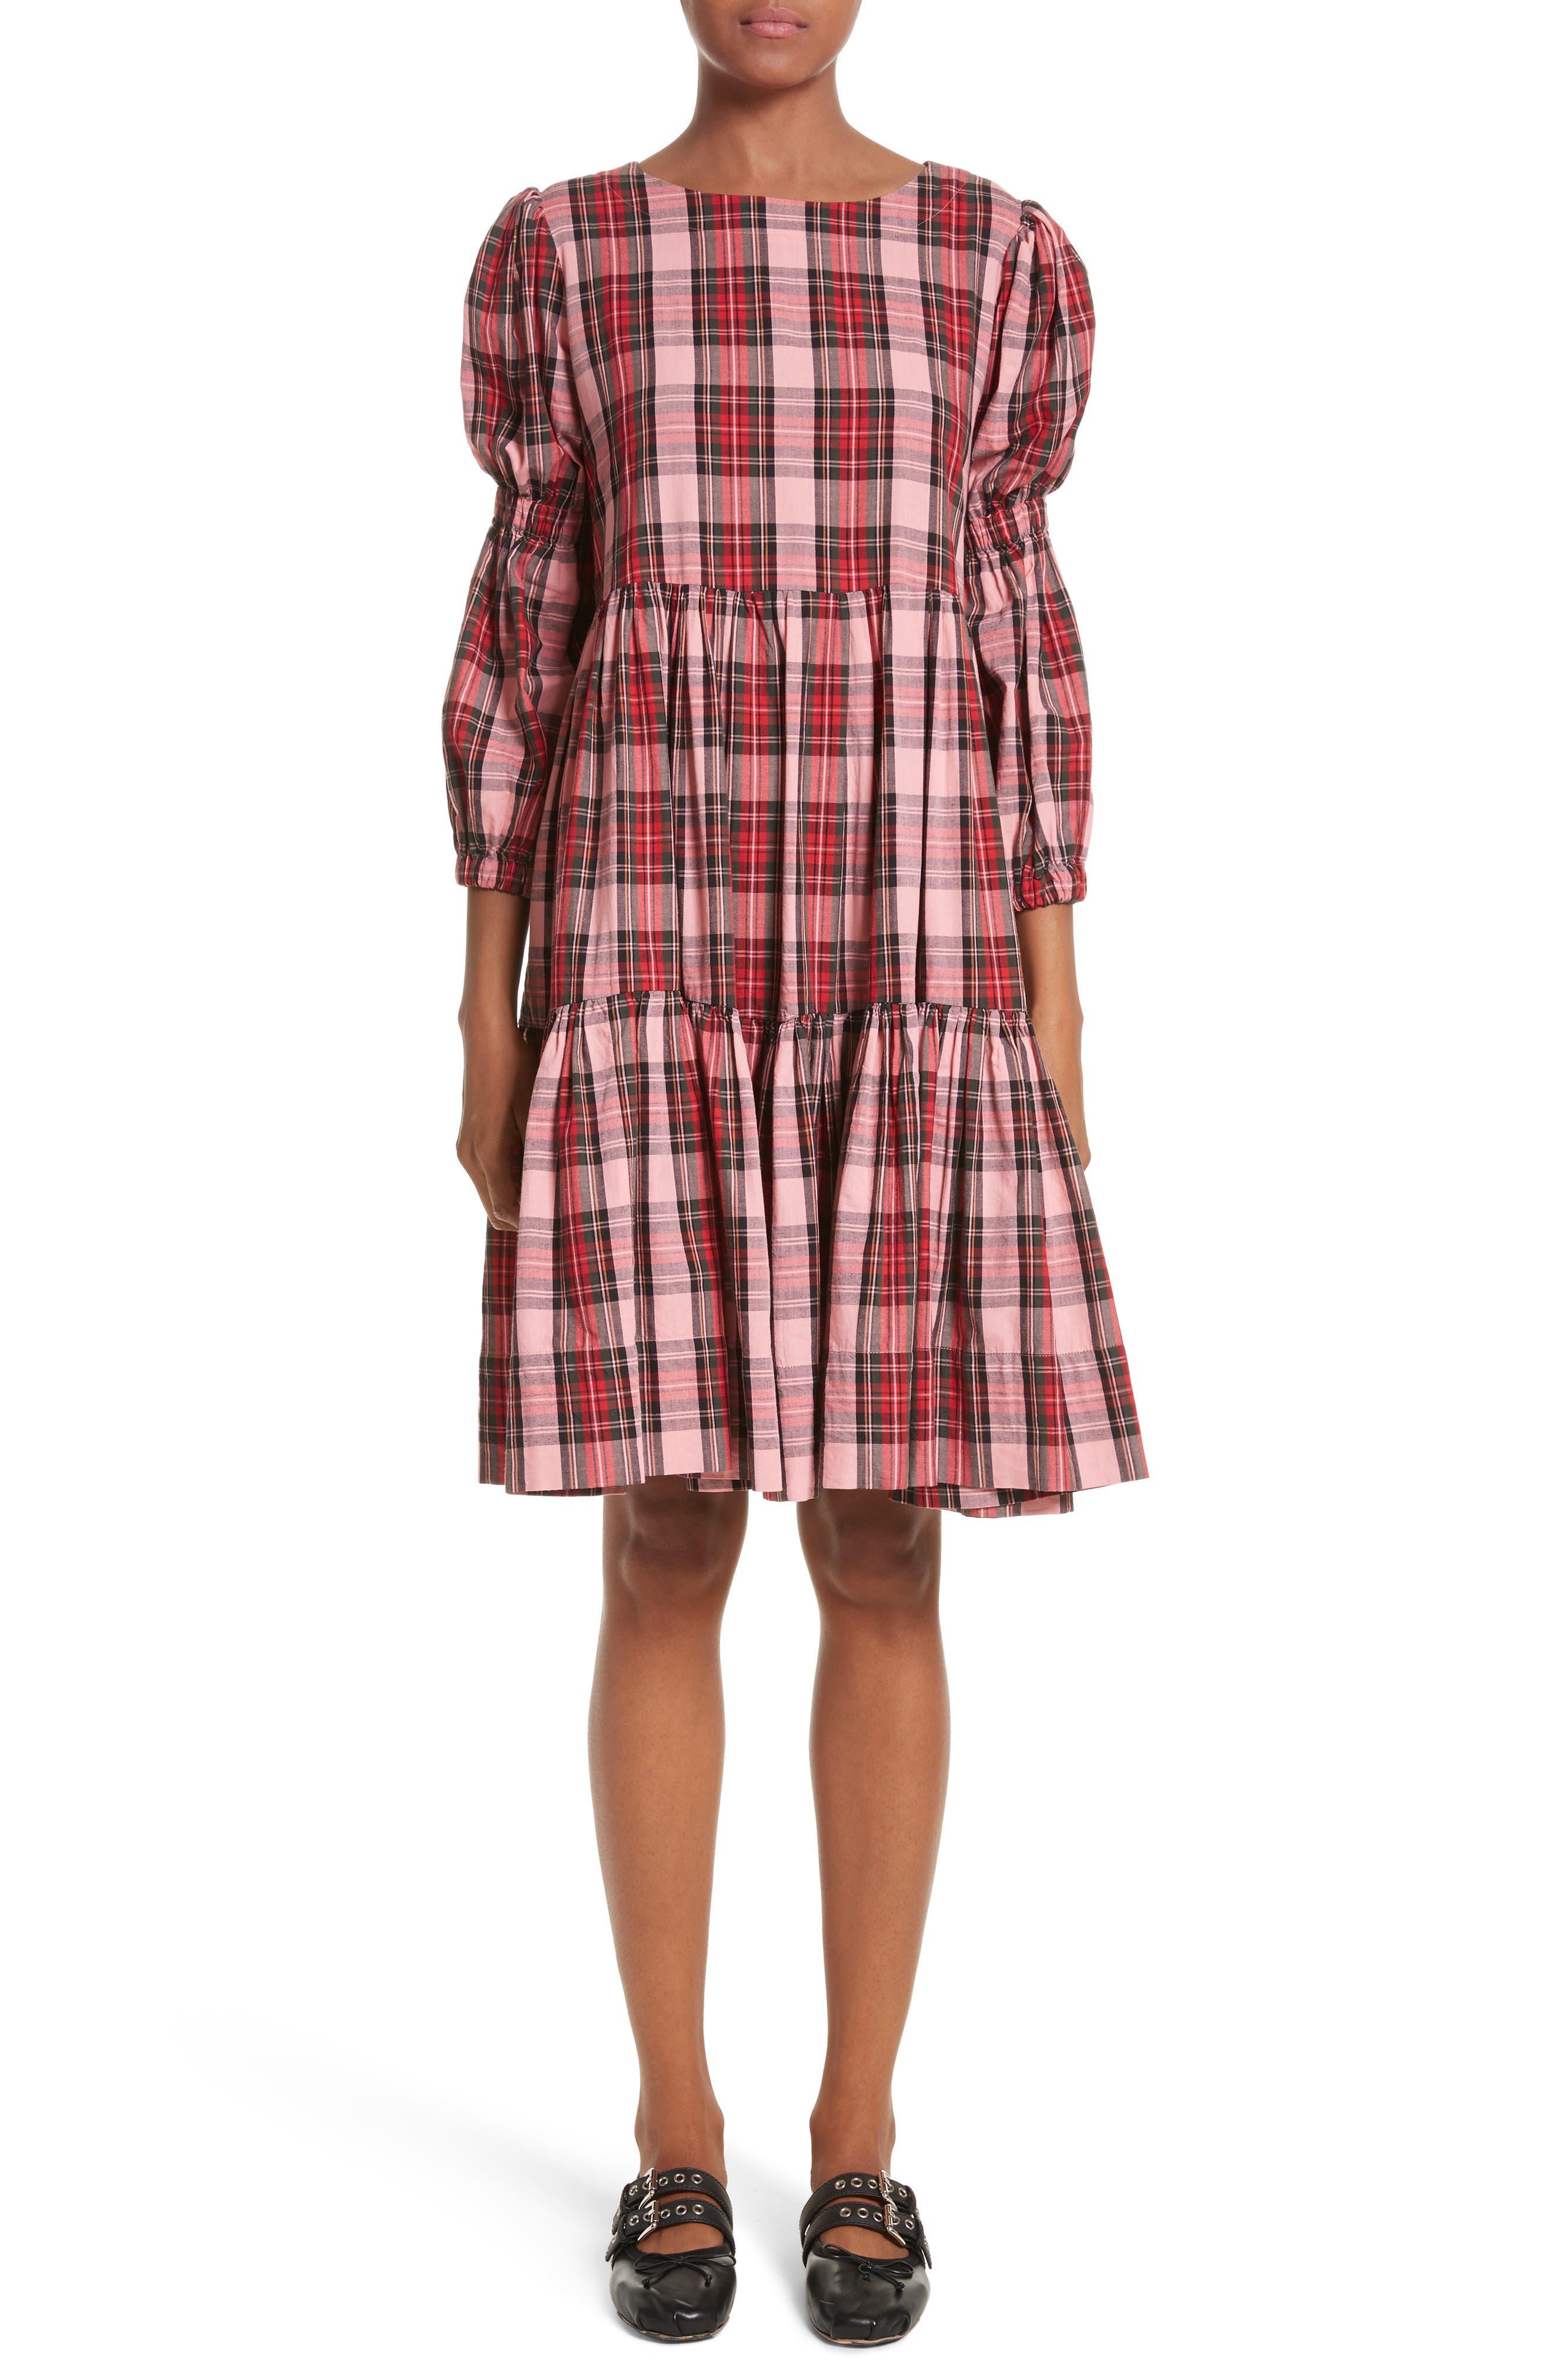 Molly Goddard Martha Tartan Dress